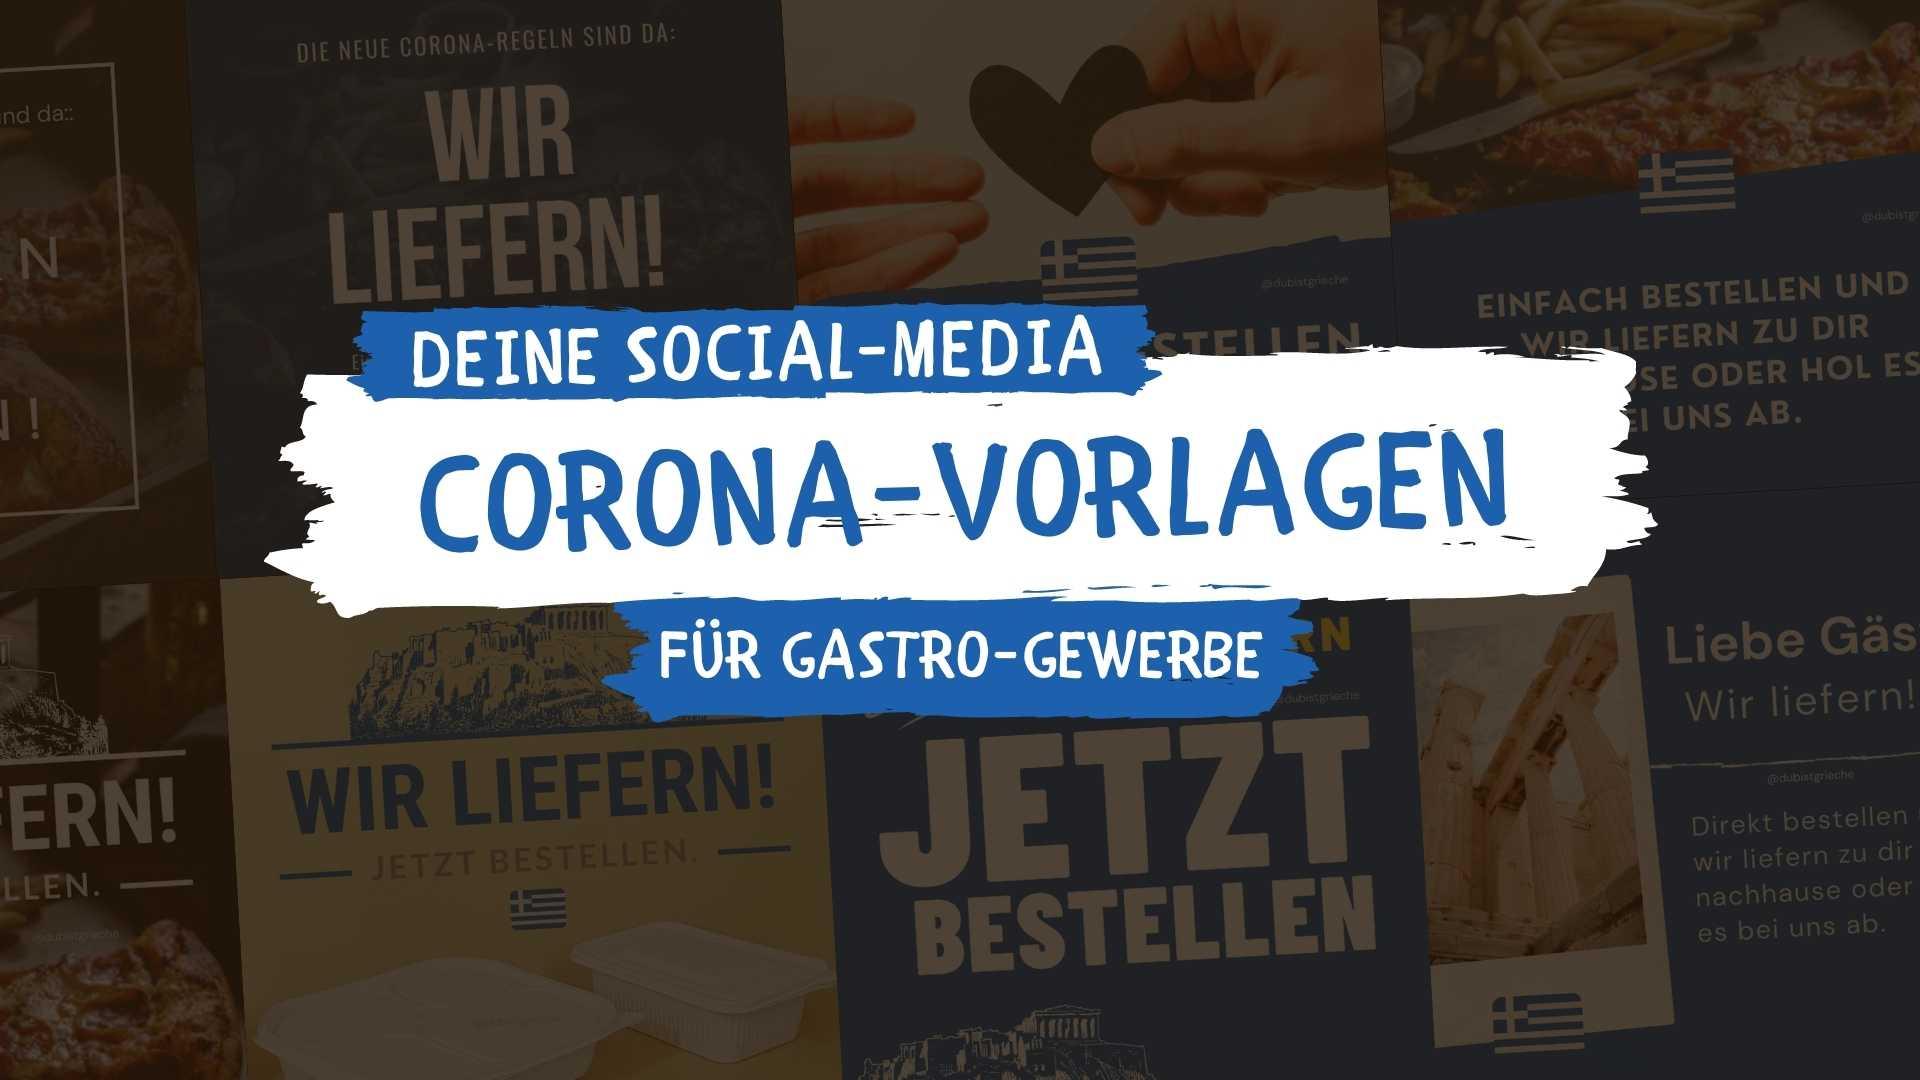 Corona Vorlagen Restaurant download